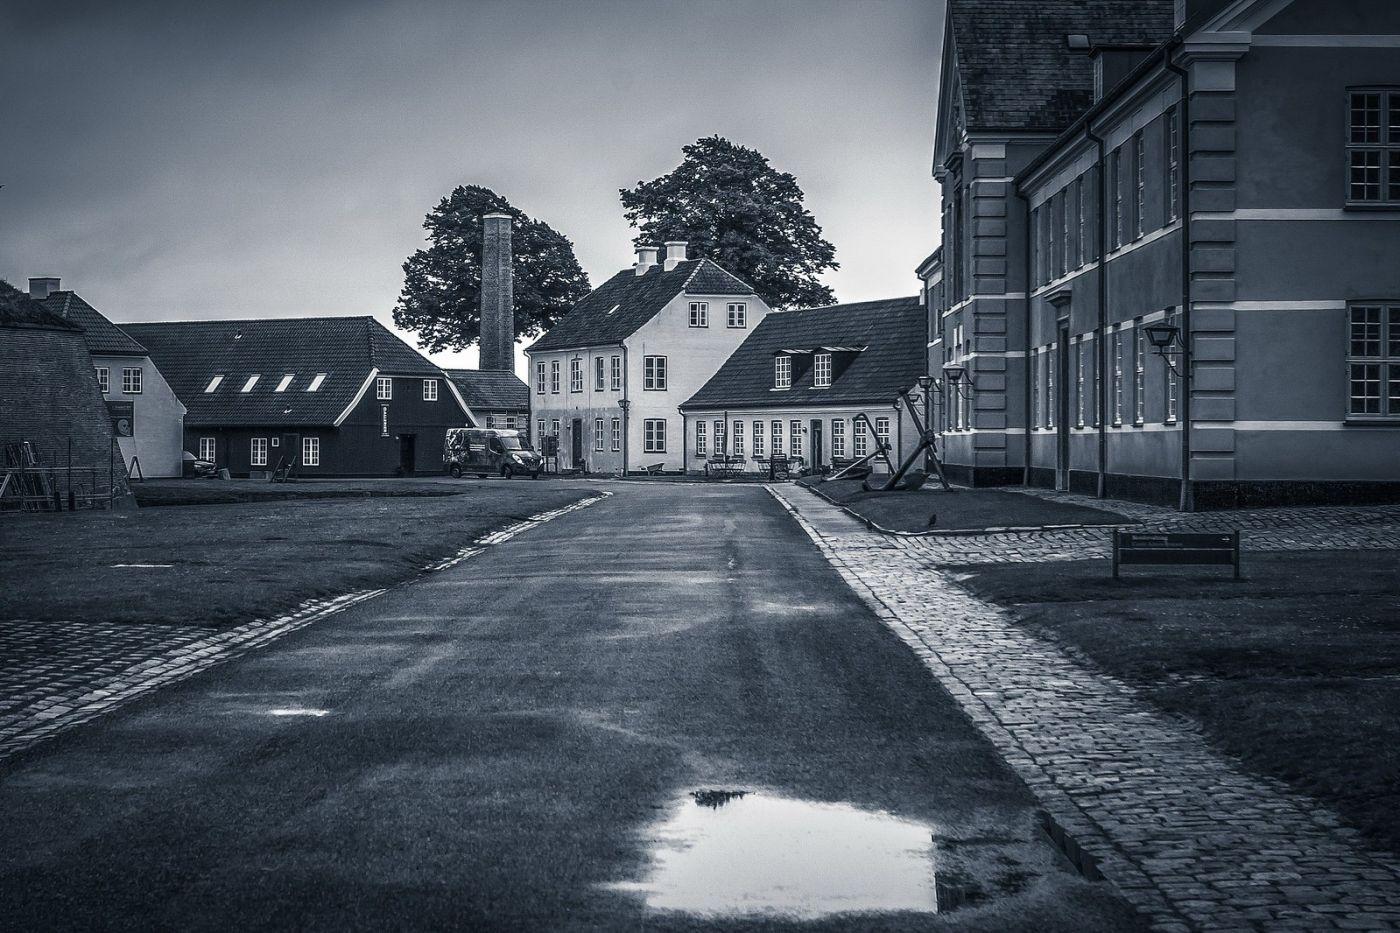 丹麦腓特烈堡城堡,回看历史_图1-17